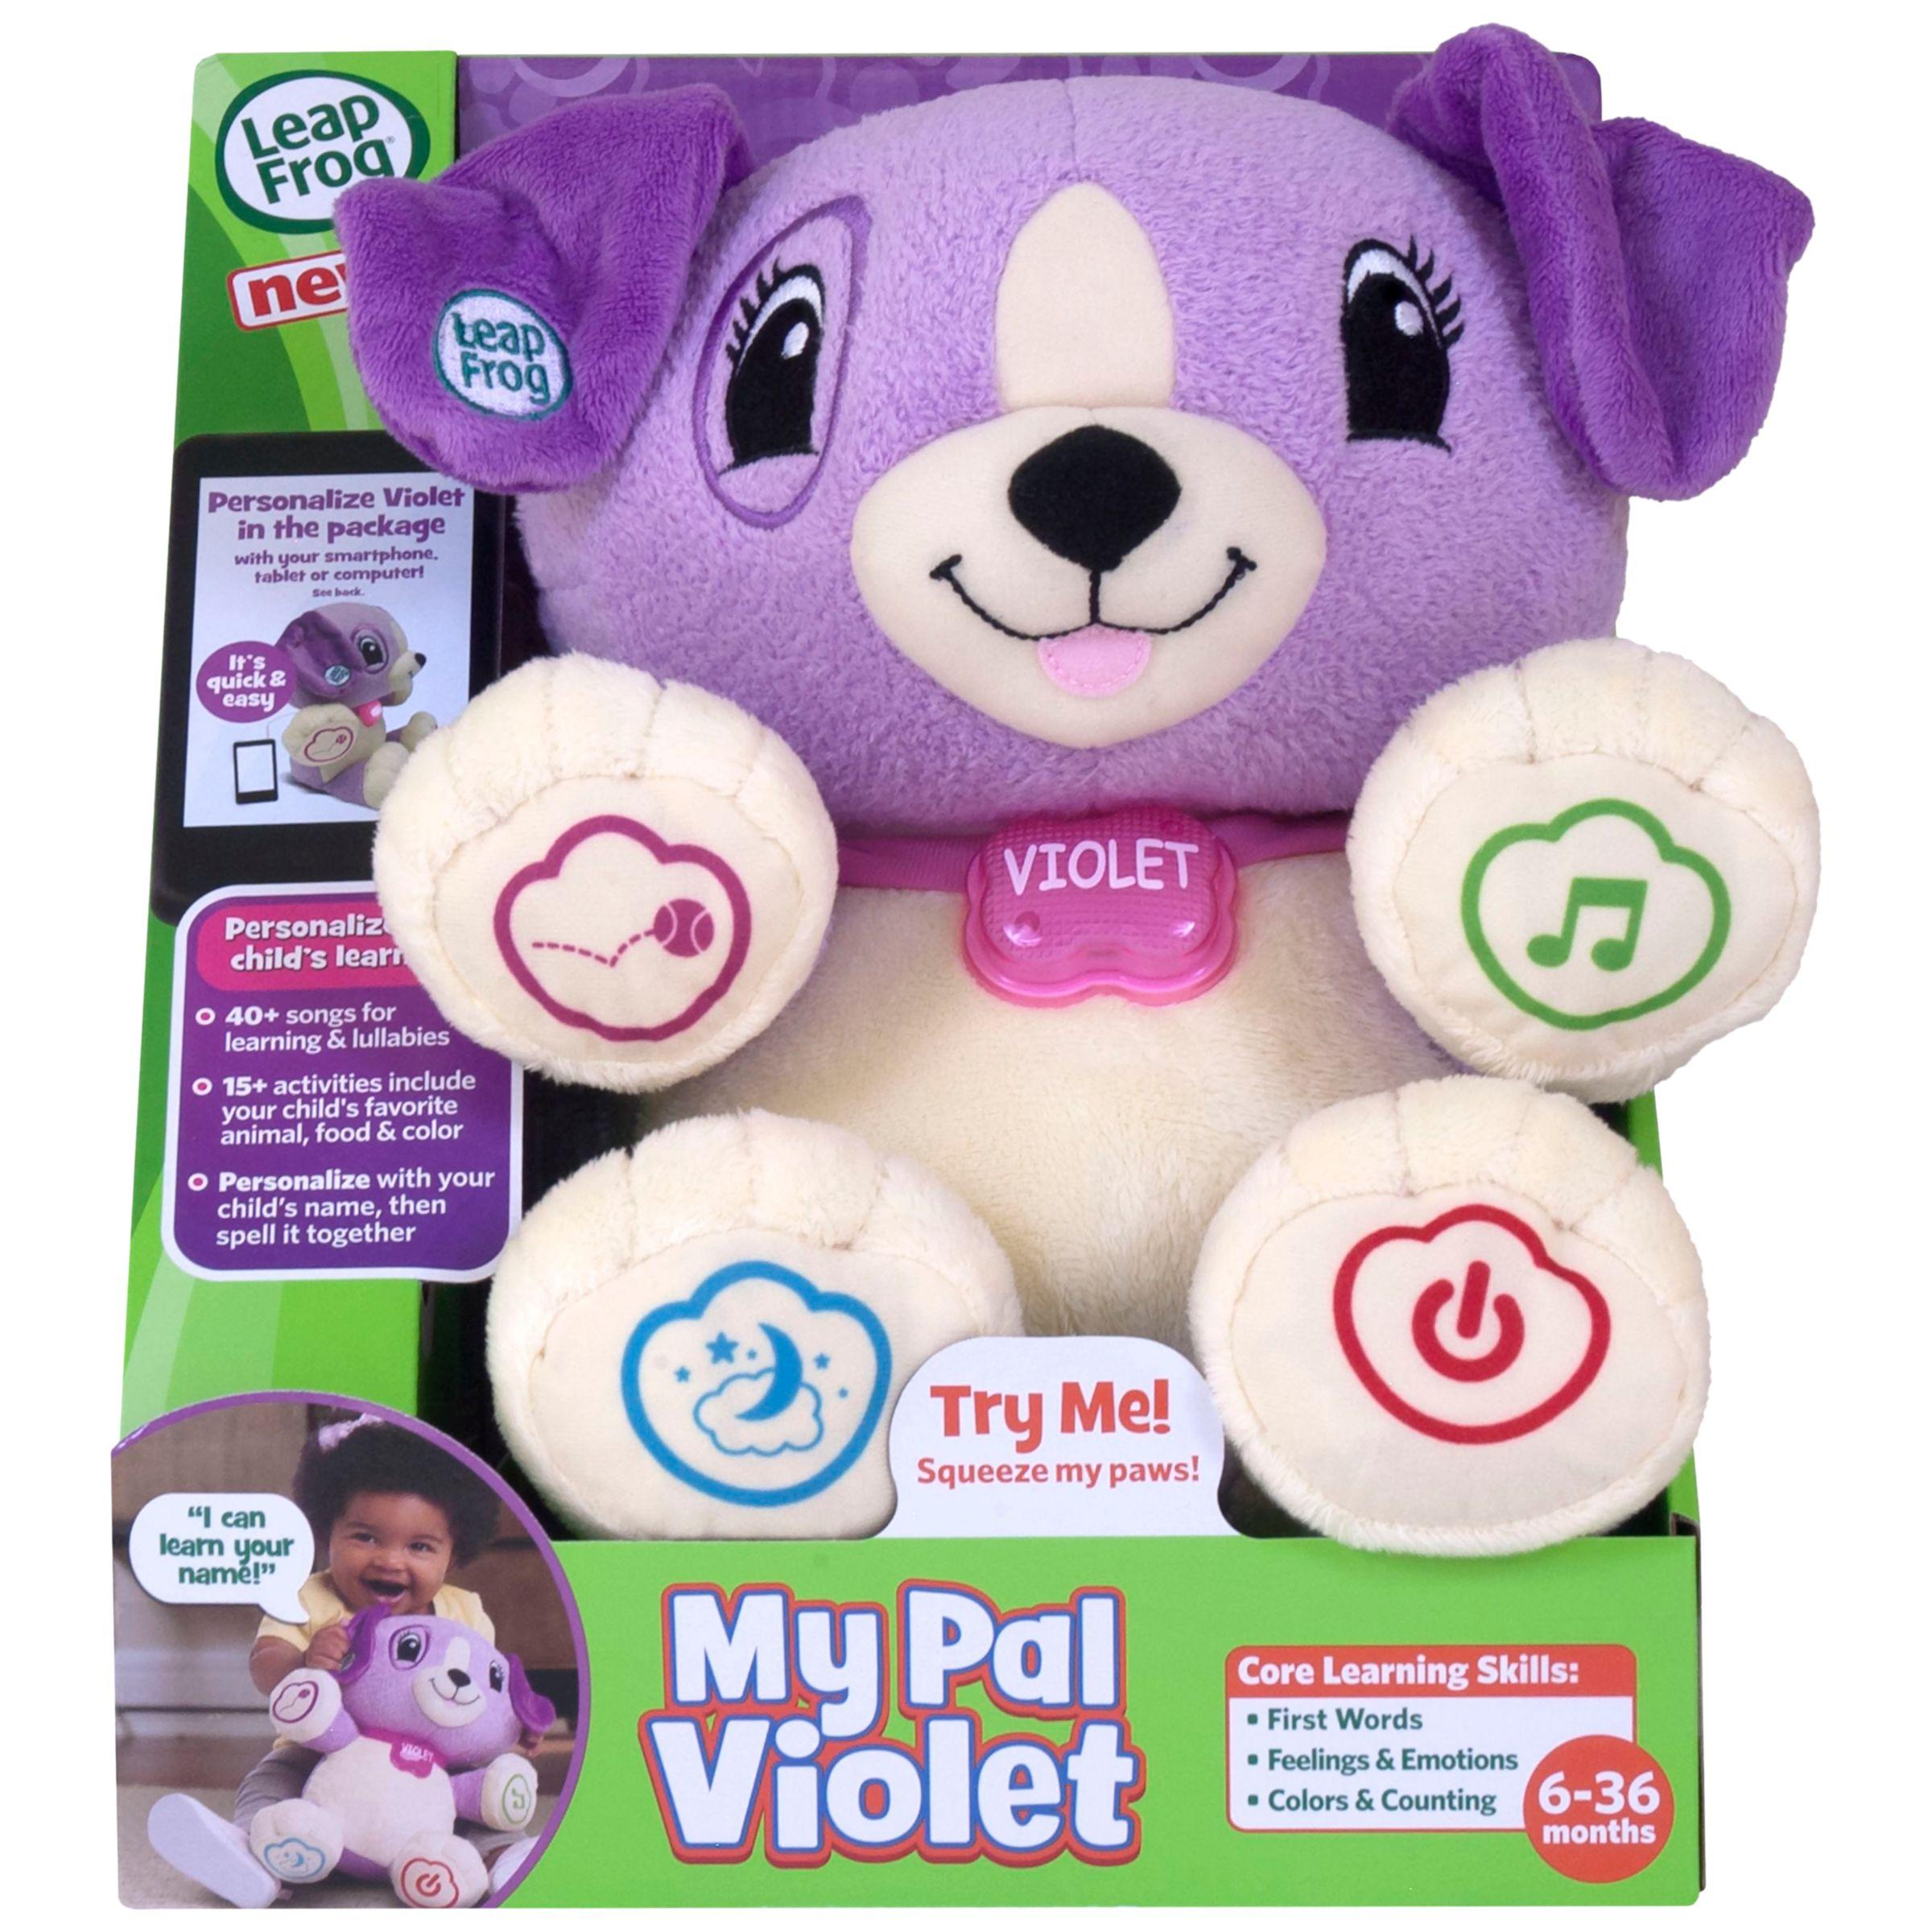 LeapFrog LeapFrog My Pal Violet